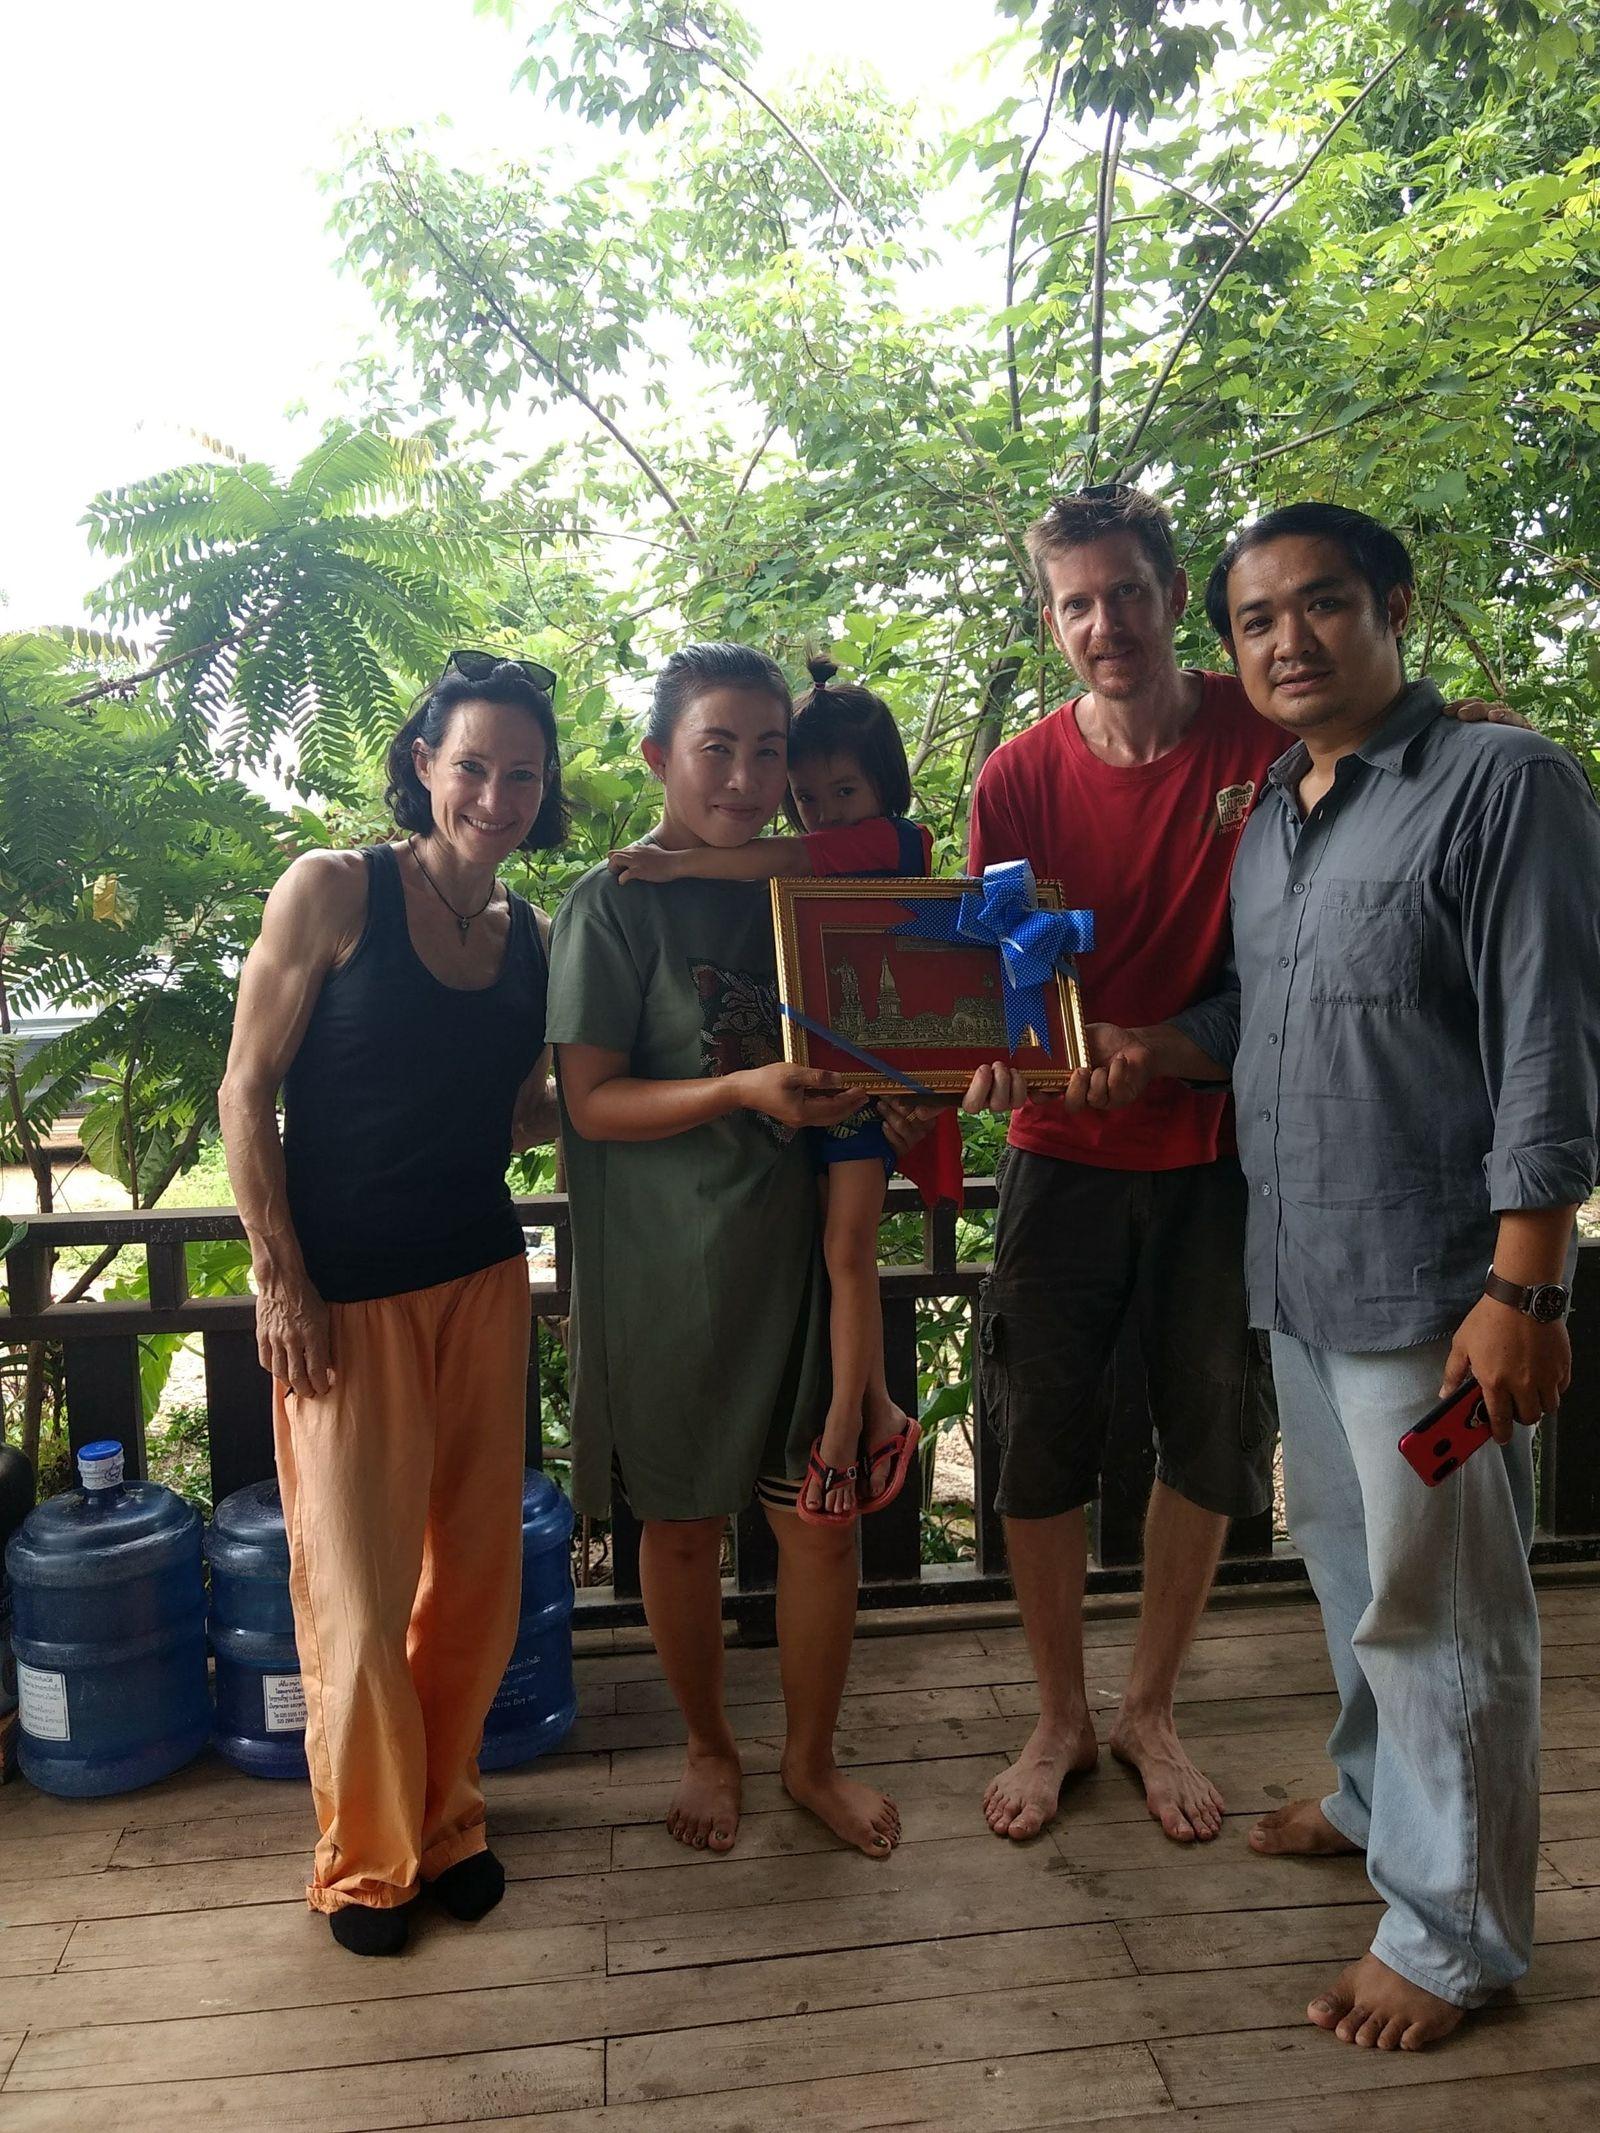 2019-06-01_Nach 8 Jahren Laos...auf nach Deutschland. Hier die Verabschiedung vom Landverpächter Leng und seiner Frau. Als Abschiedsgeschenk überreichen sie uns einen Silberstich von Thakhek